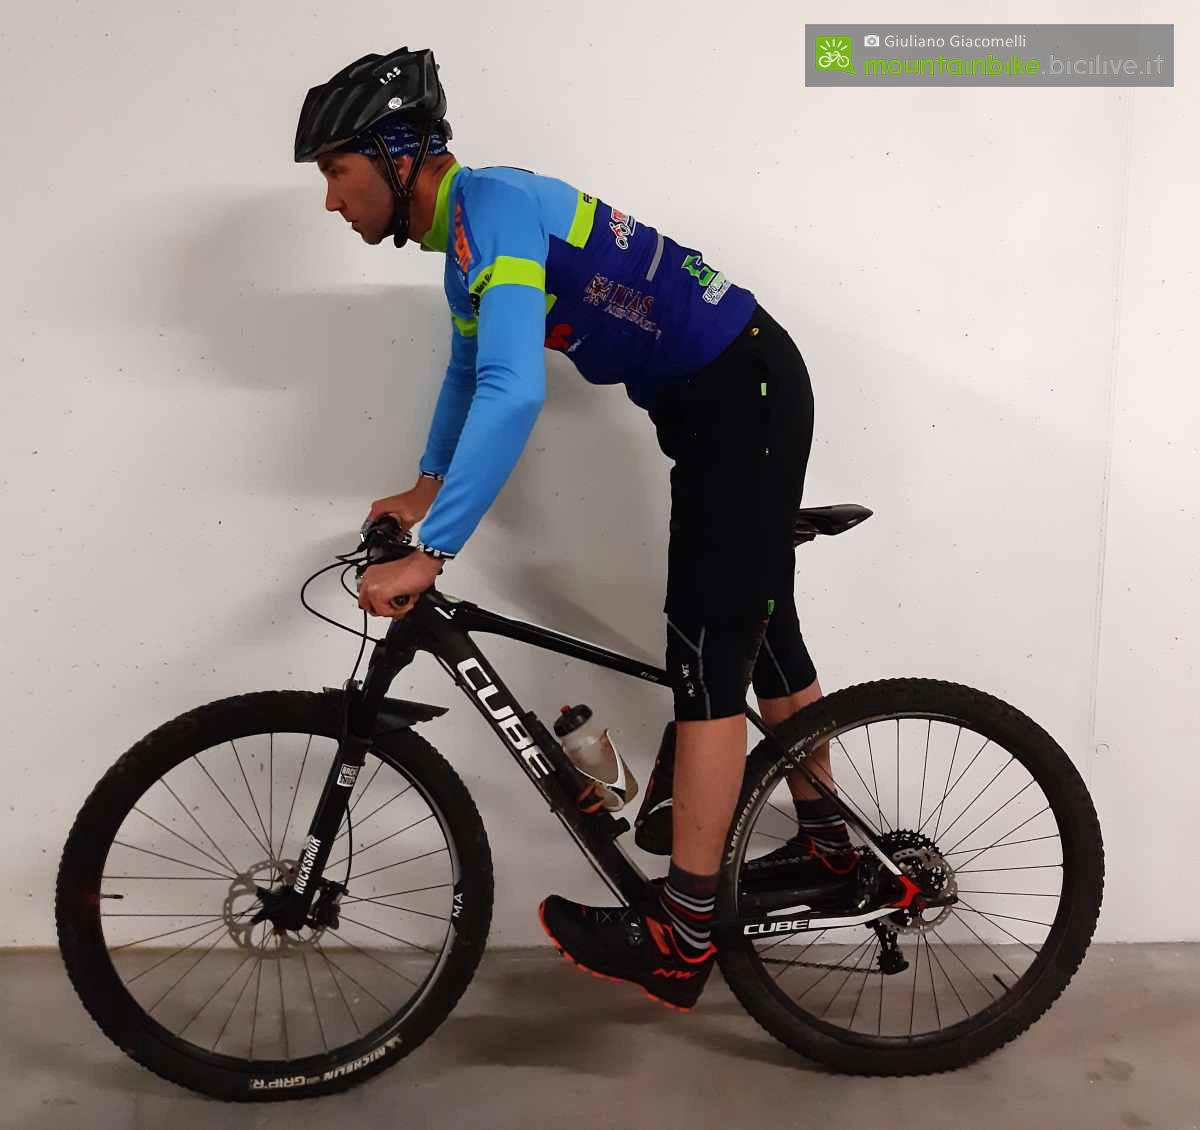 Ciclista in posizione base per iniziare gli esercizi in mountain bike